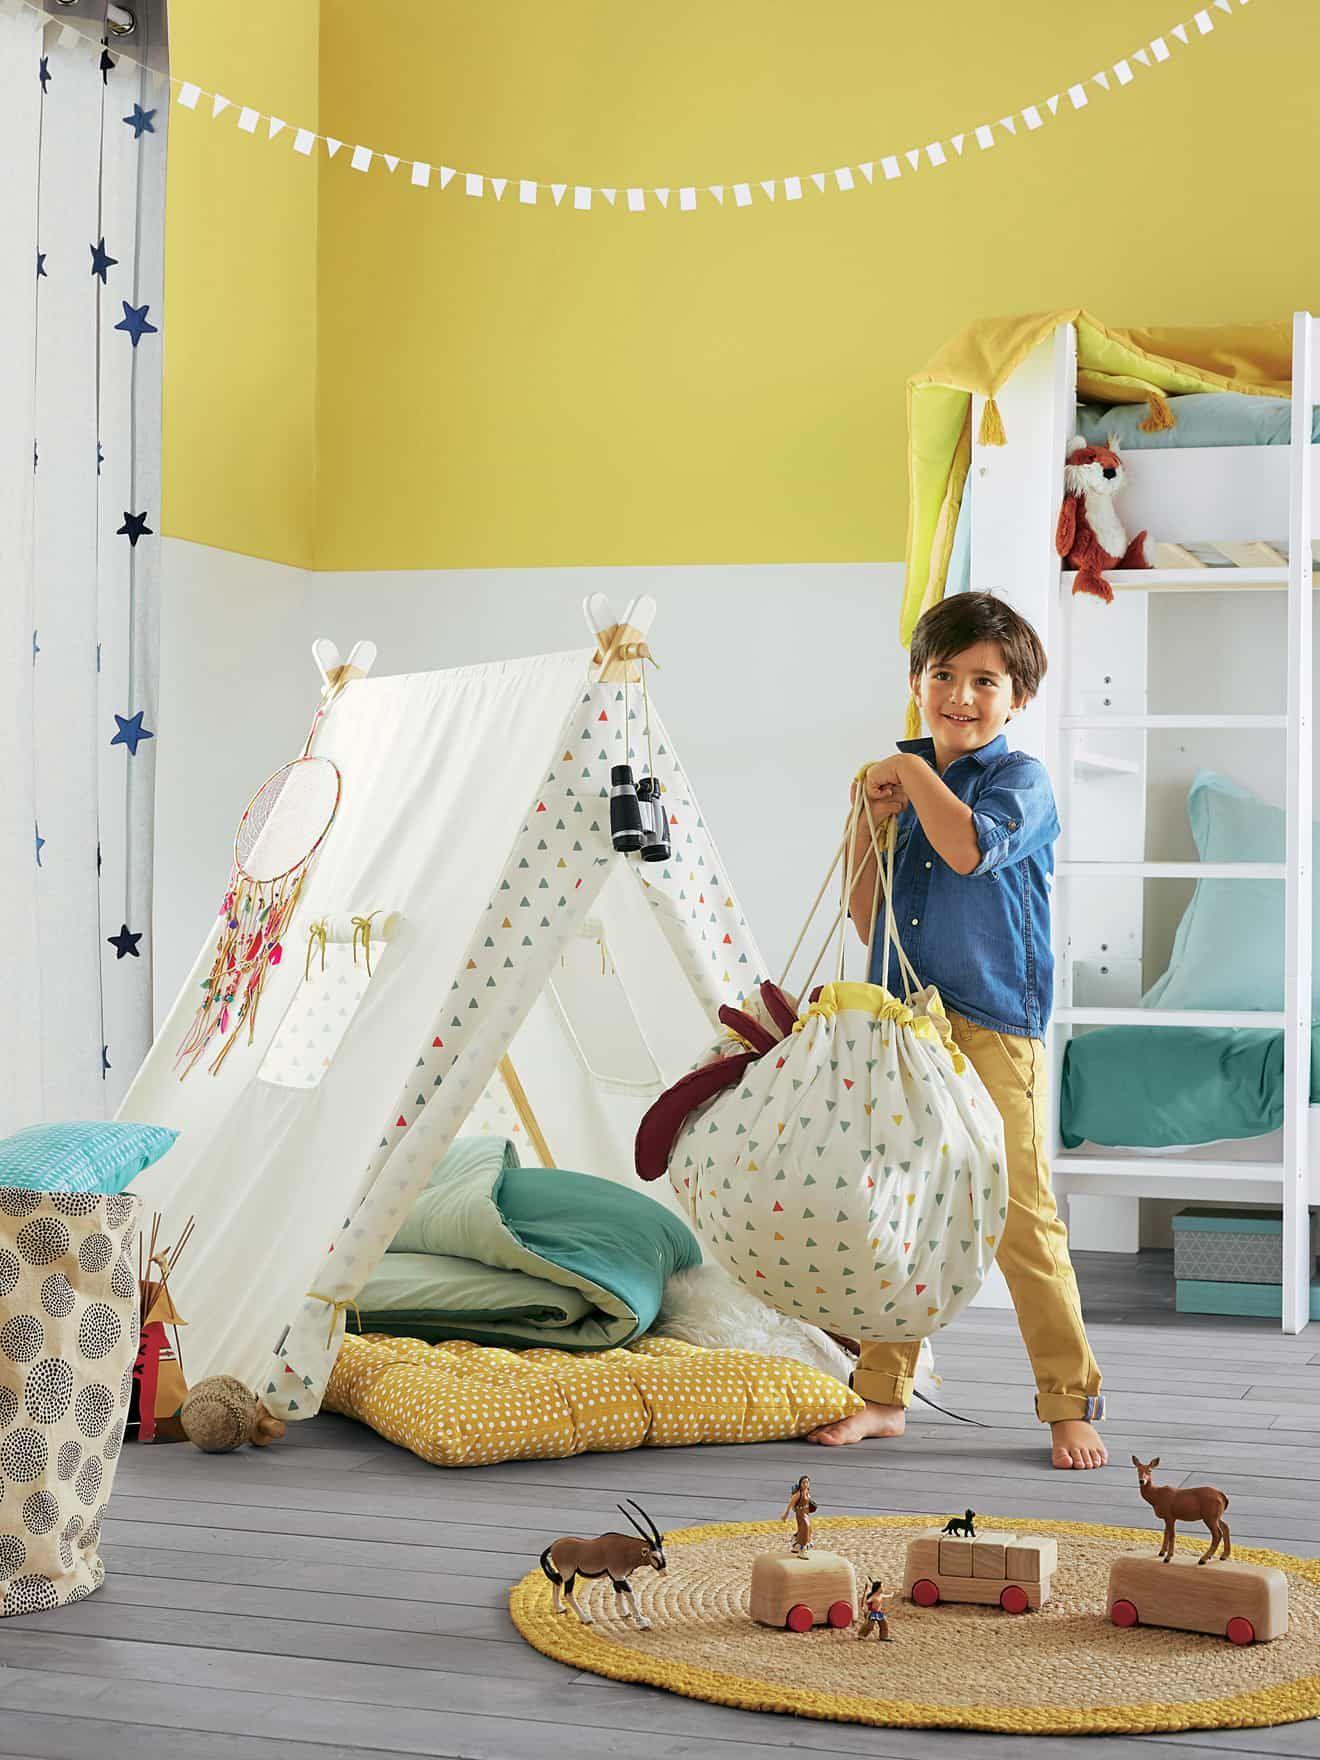 vertbaudet les nouveauts dco pour la chambre enfant - Chambre Vert Baudet